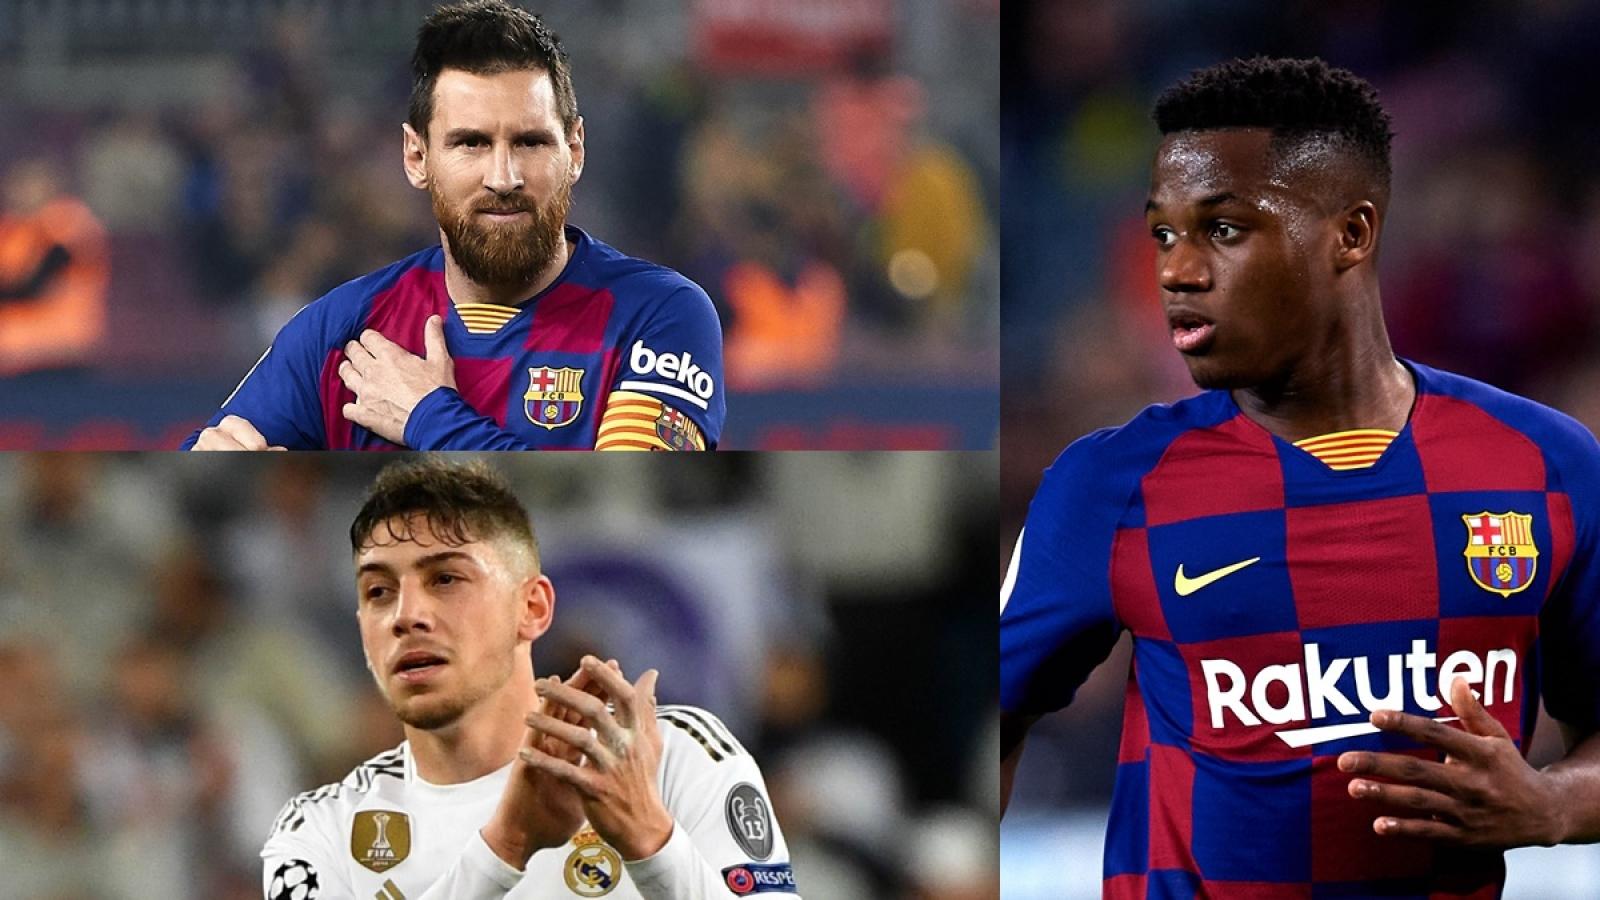 """Đội hình kết hợp Barca - Real Madrid: """"Thần đồng"""" Fati góp mặt"""